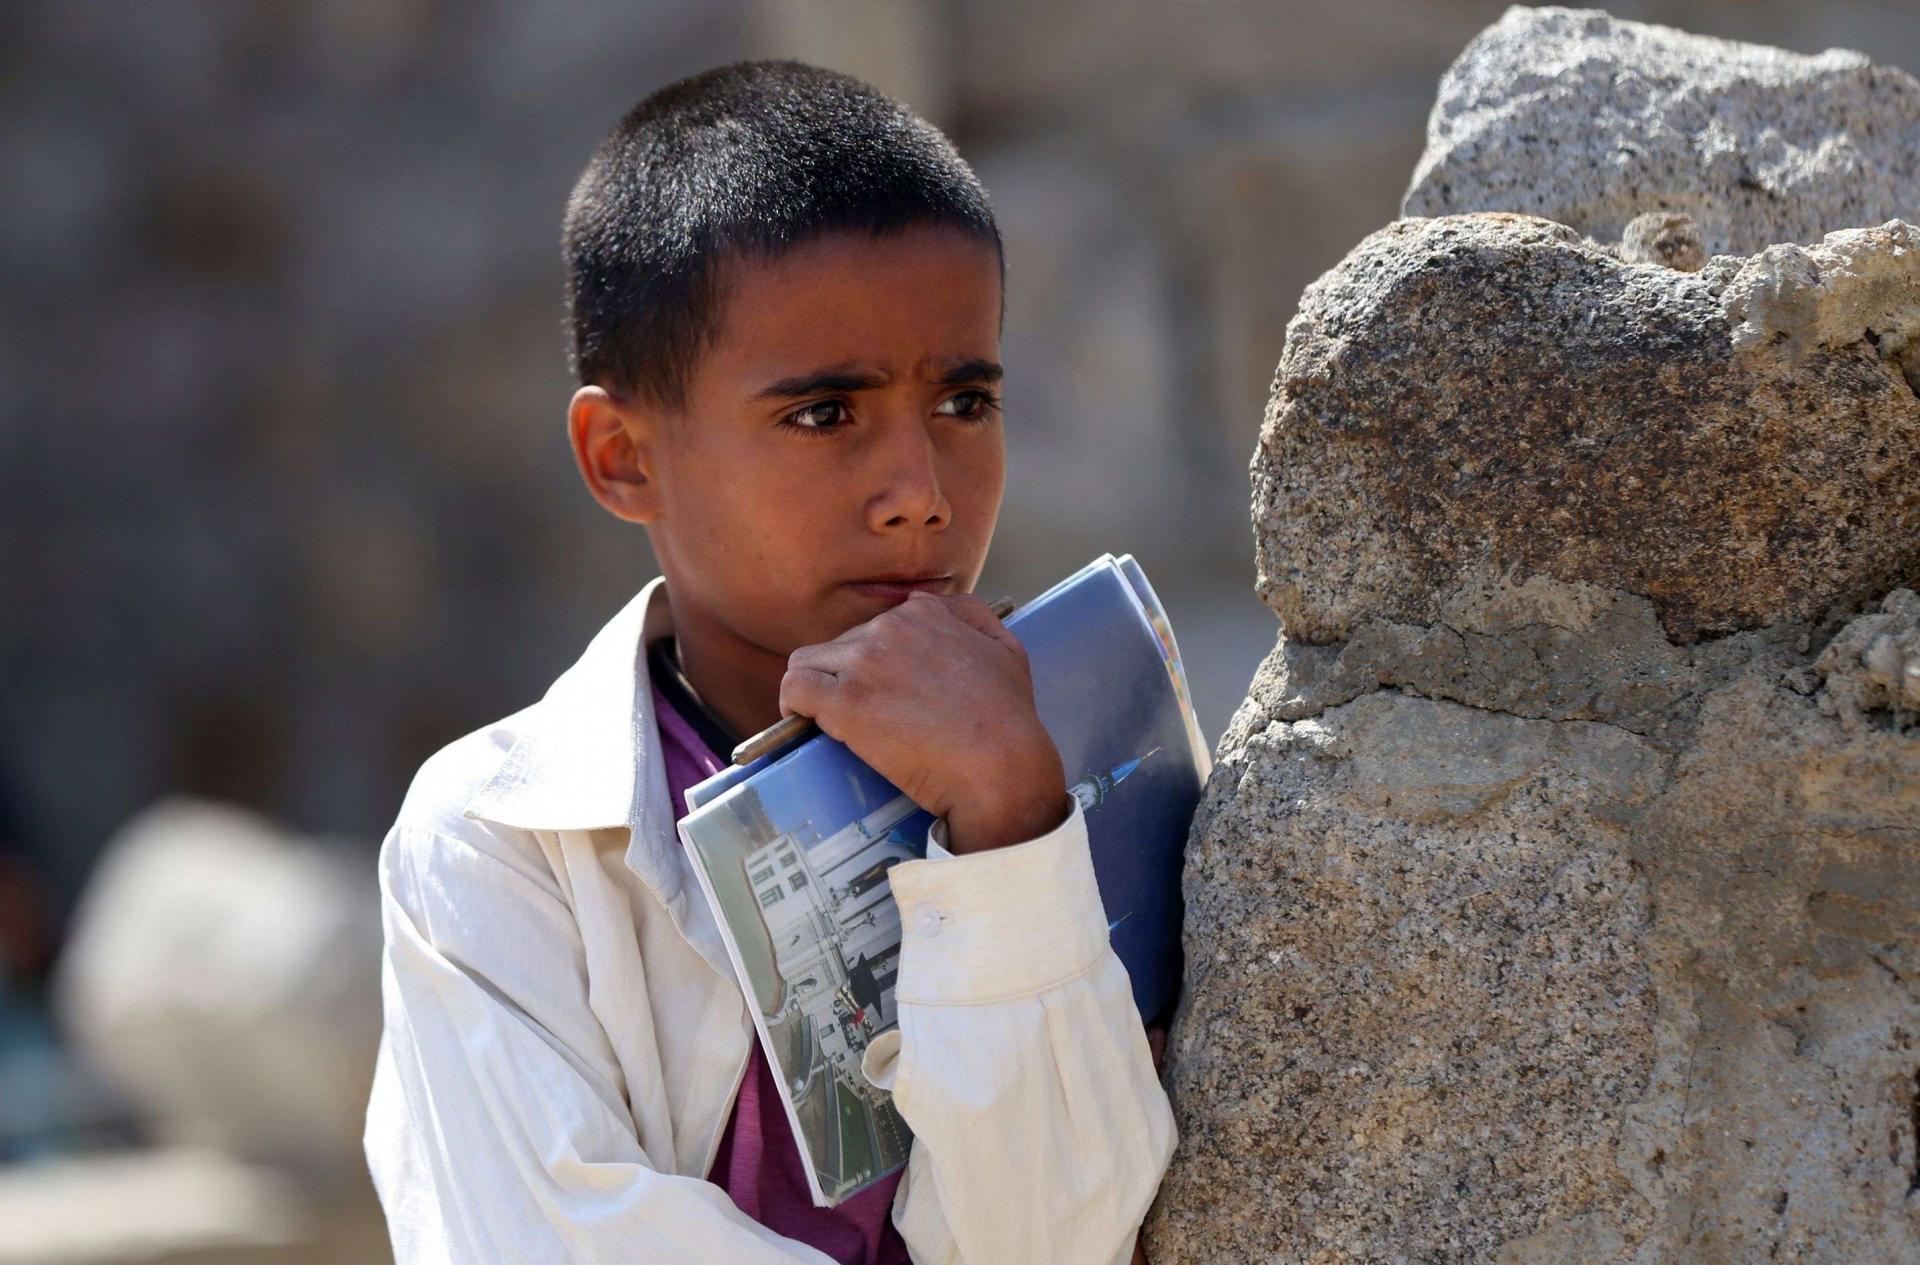 أطفال اليمن محرومون من الدراسة في الهند